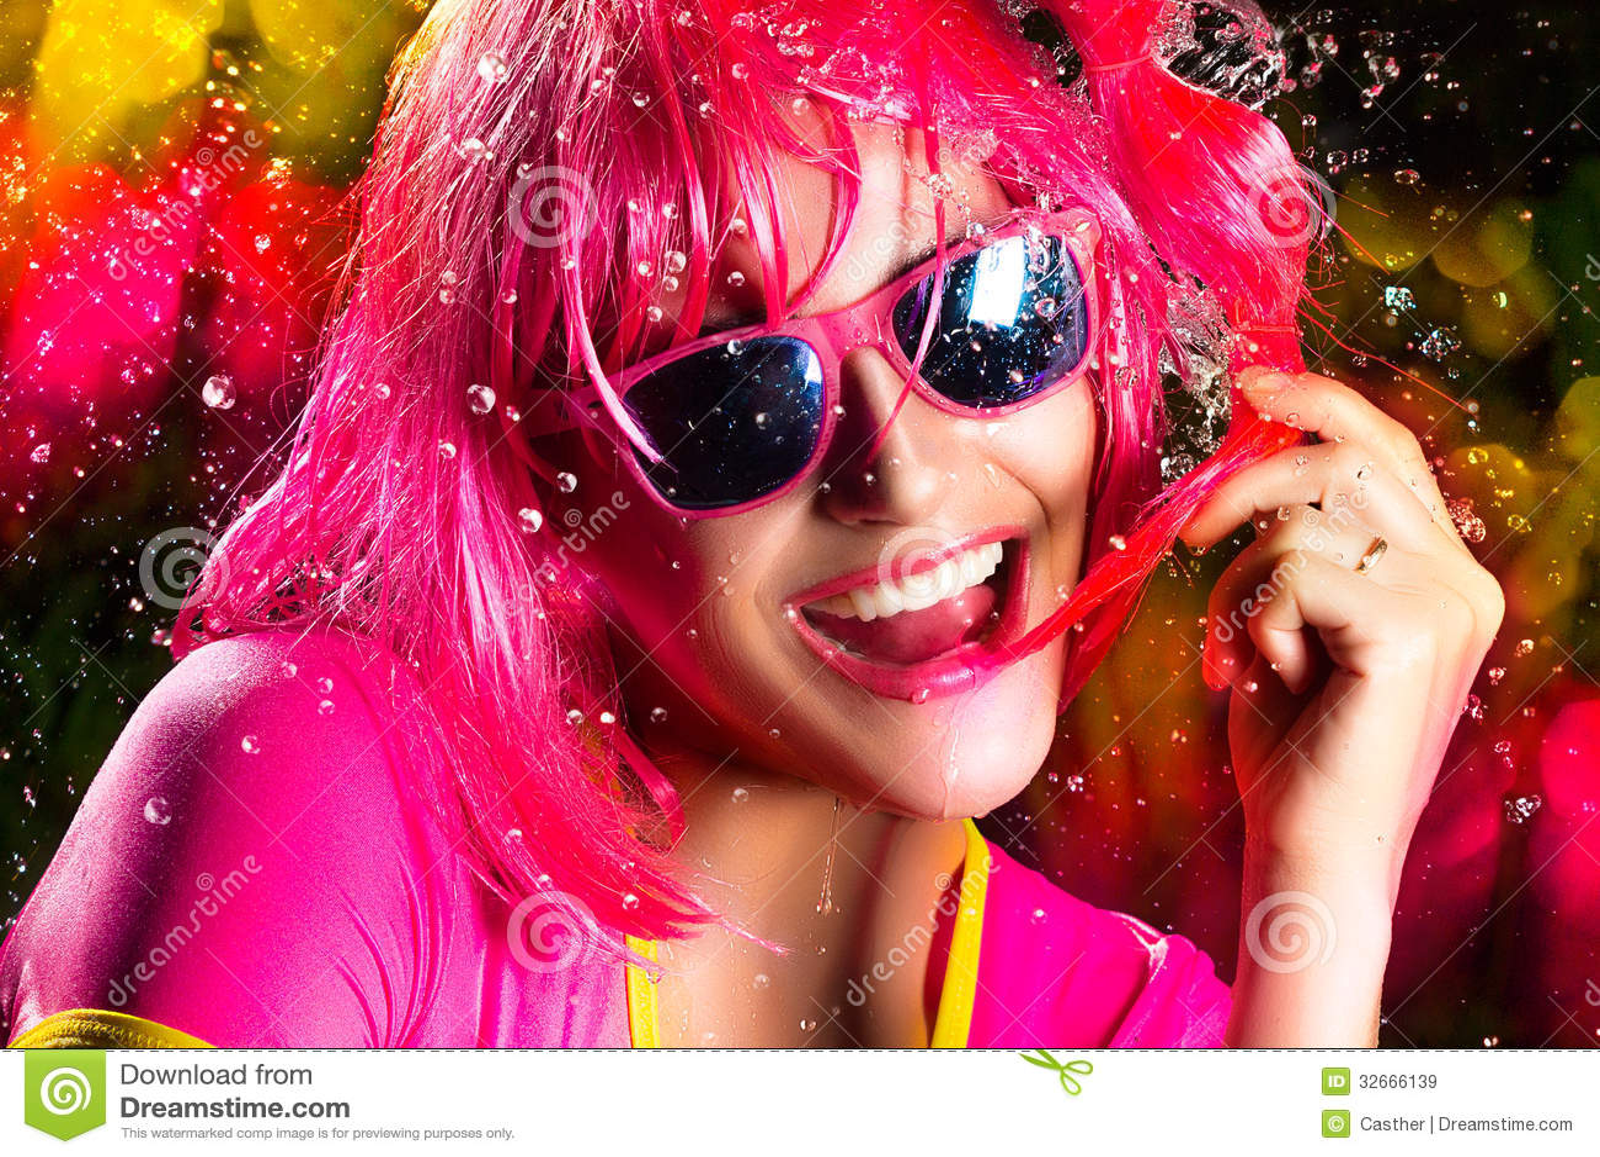 Mädchen spritzen Party xxx video indei